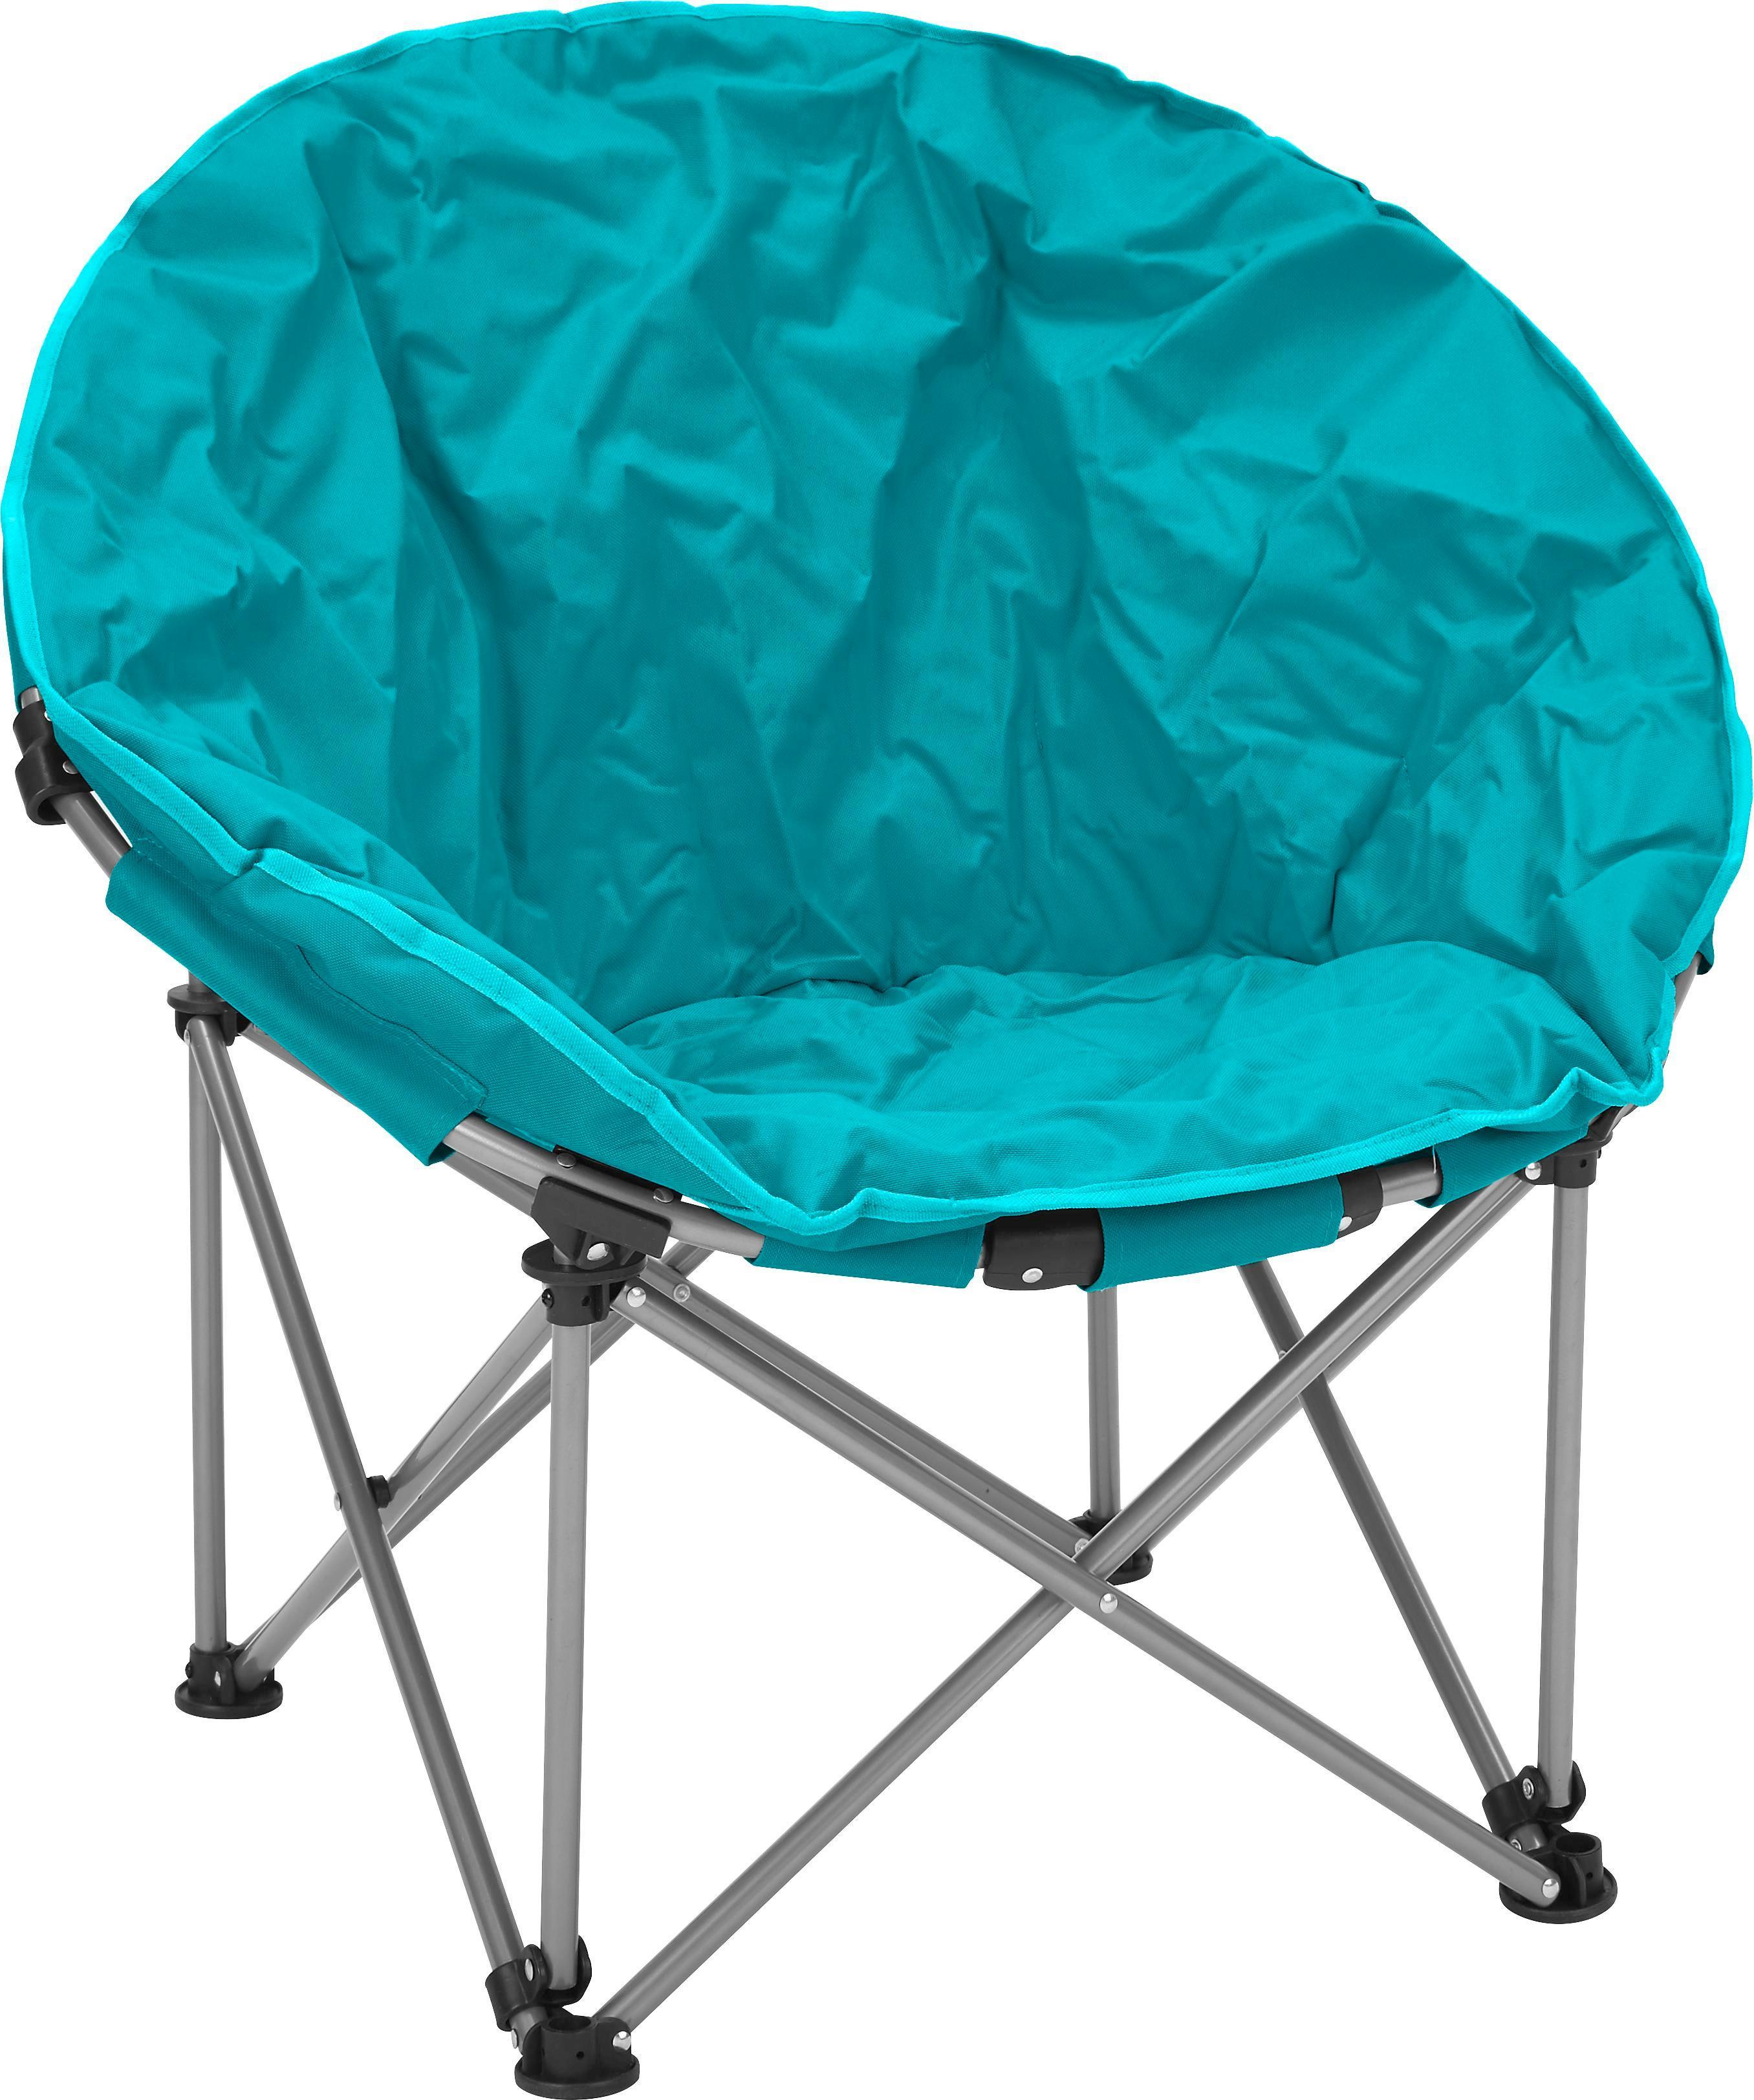 Campingsessel Lyon in Blau - Blau/Anthrazit, Kunststoff/Textil (80/75/40cm) - MÖMAX modern living